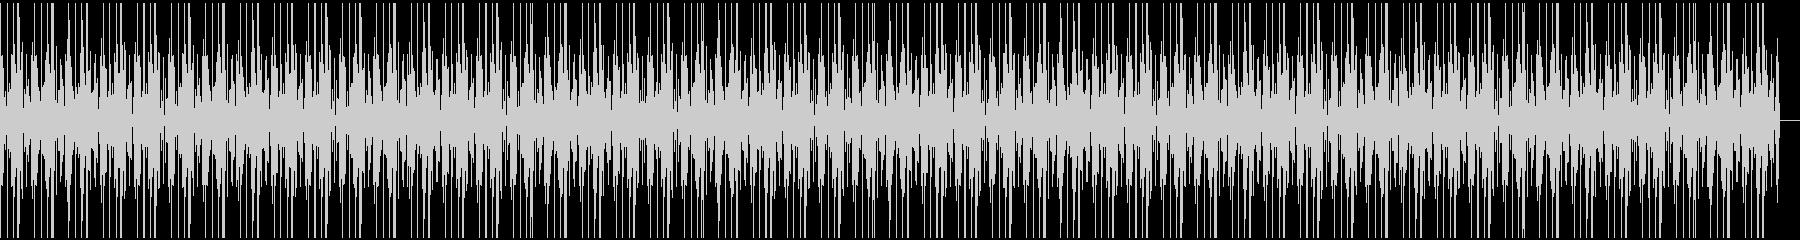 ボイパ ドラムループの未再生の波形